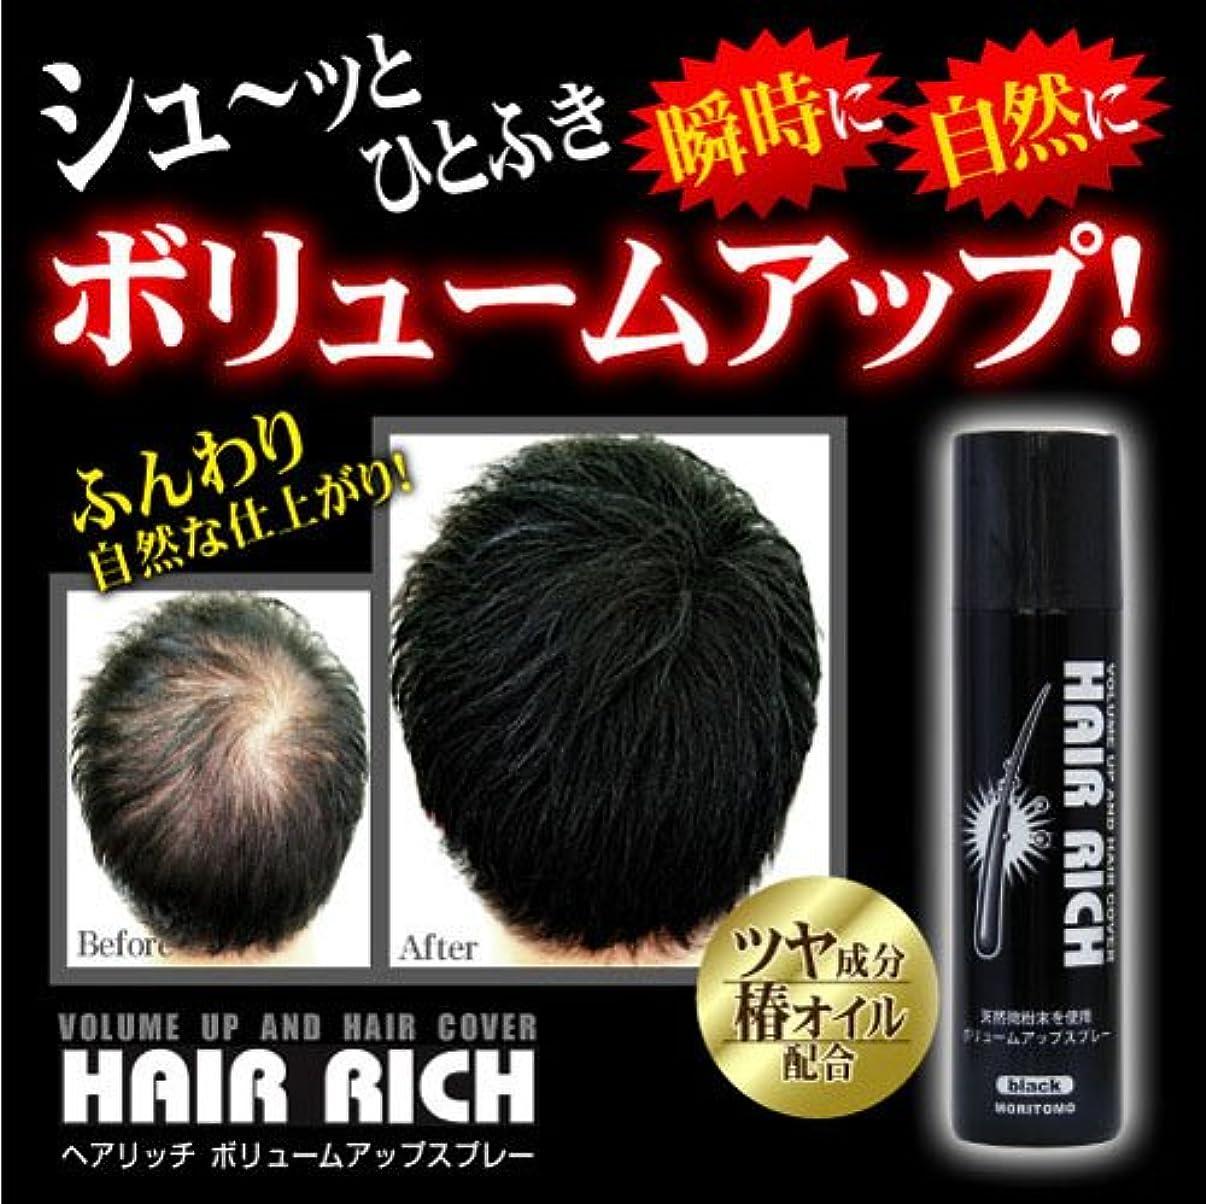 サスペンドパッドバーベキューヘアリッチ ボリュームアップスプレー【HAIR RICH】 育毛剤 発毛剤 増毛剤 増毛 スプレー